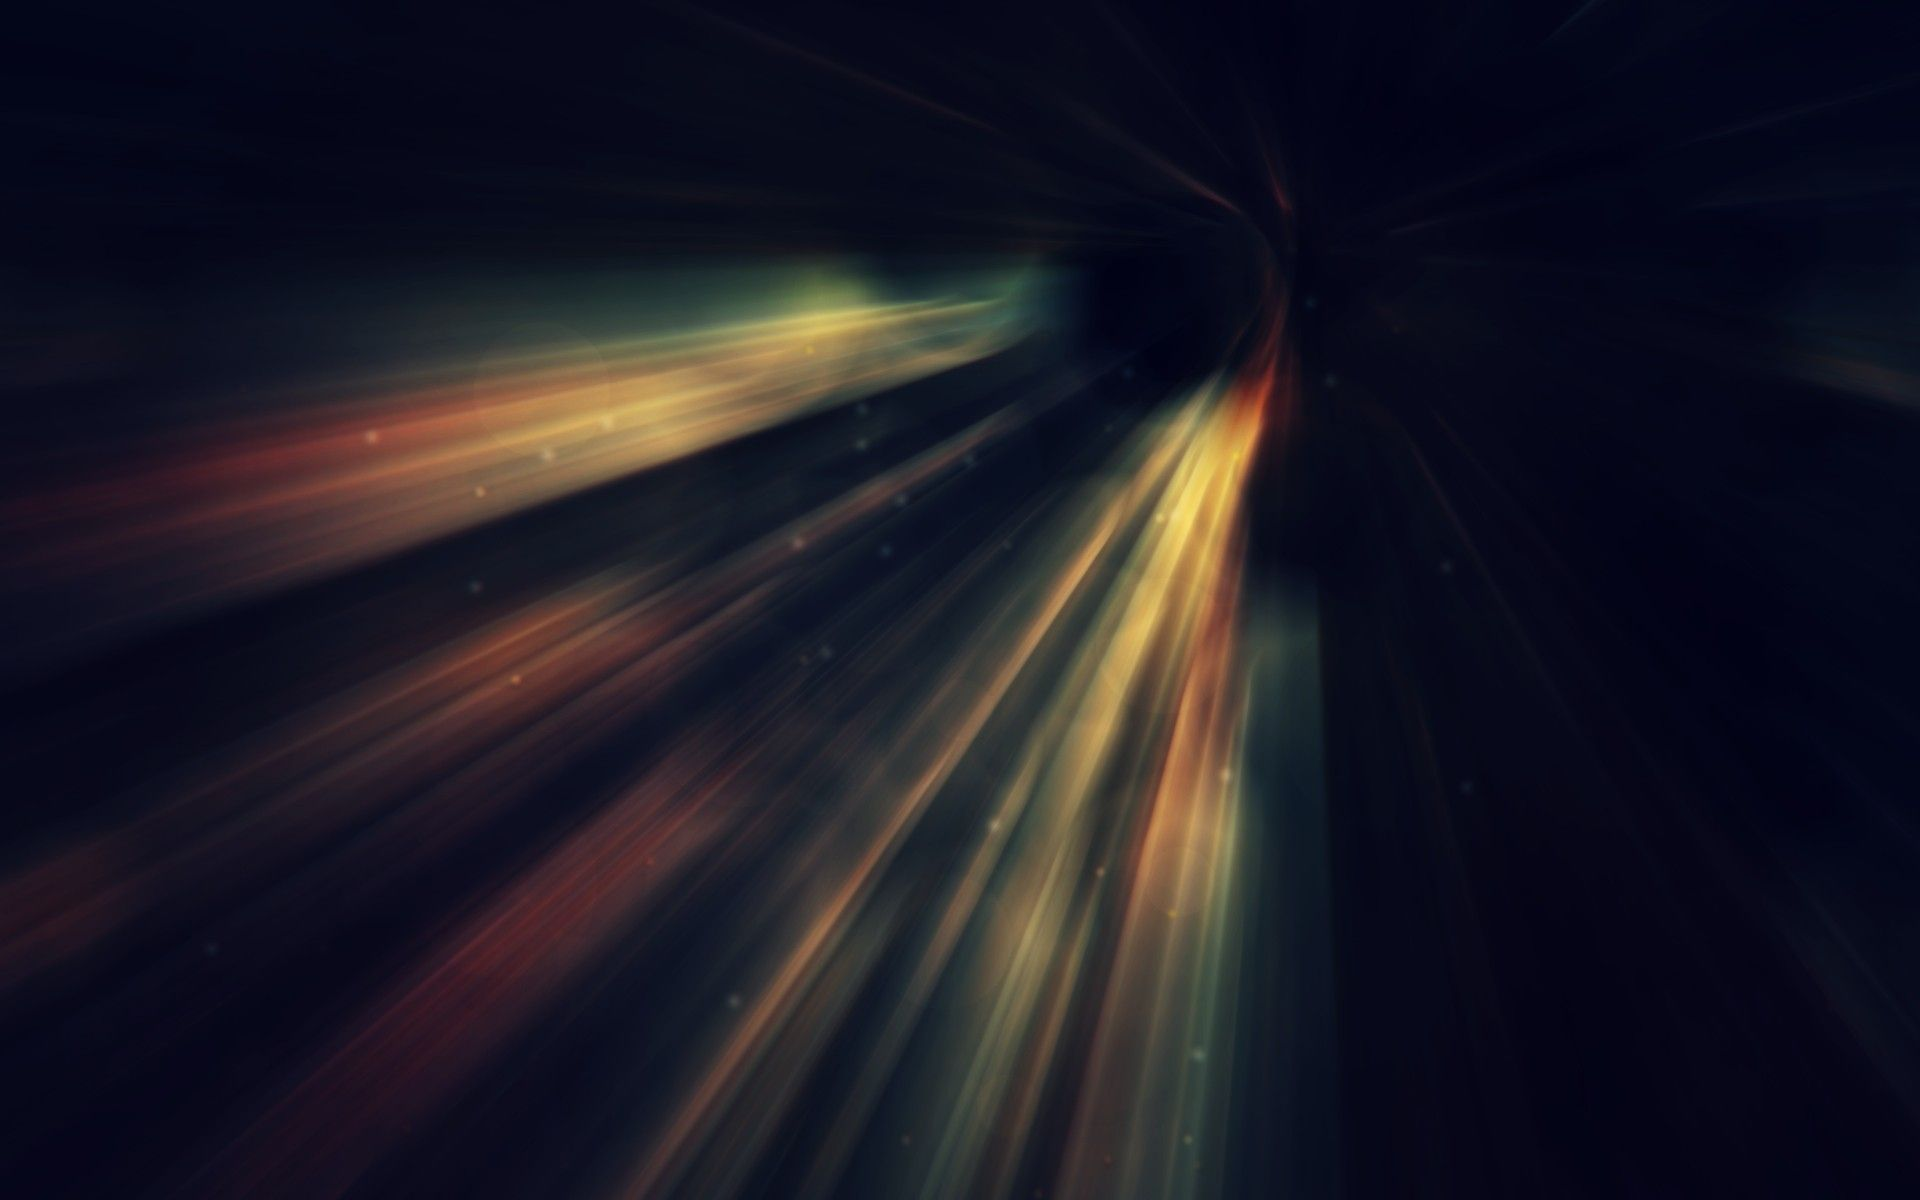 Ученые утверждают, что отыскали способ останавливать движение света